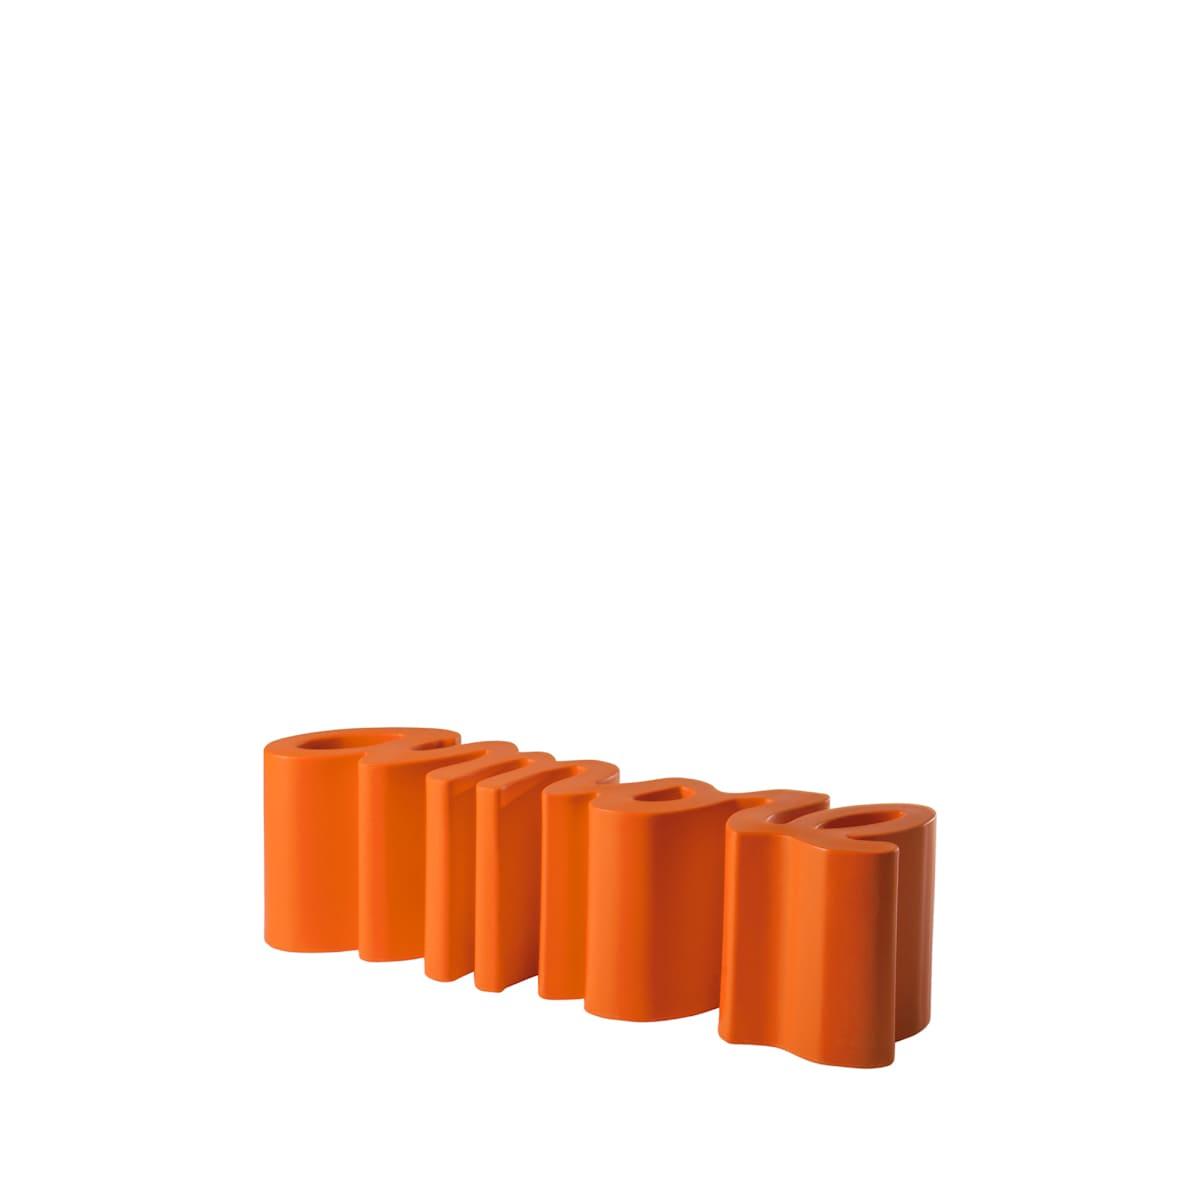 gartenbank modern sitzbank garten orange - Ausgefallene Designer Bank für den Garten